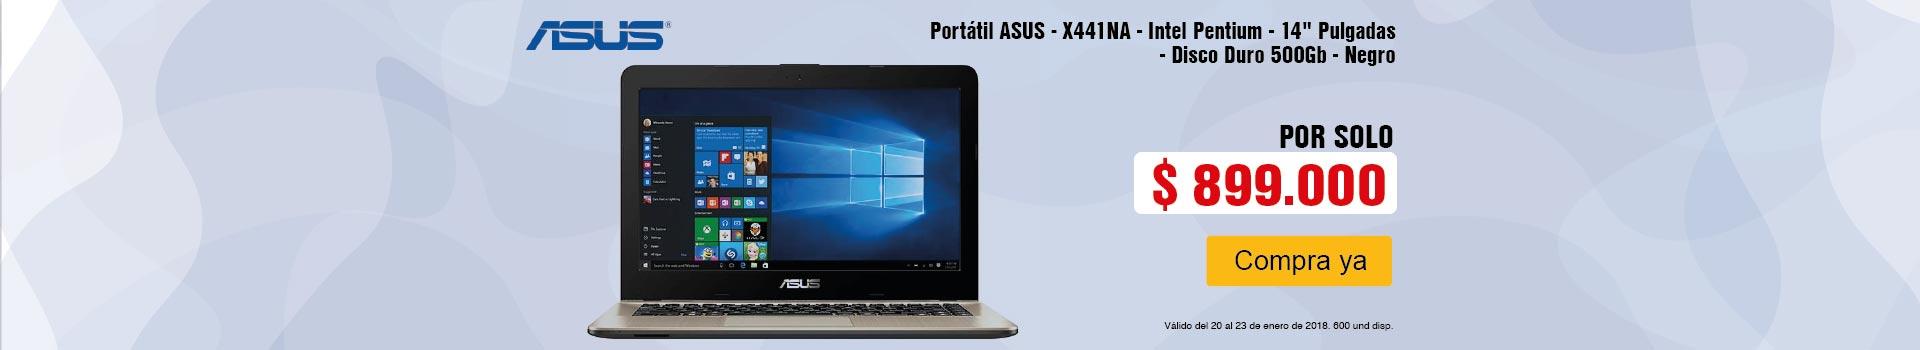 CAT AK KT-computadores-Portátil ASUS - X441NA-prod-enero20-21